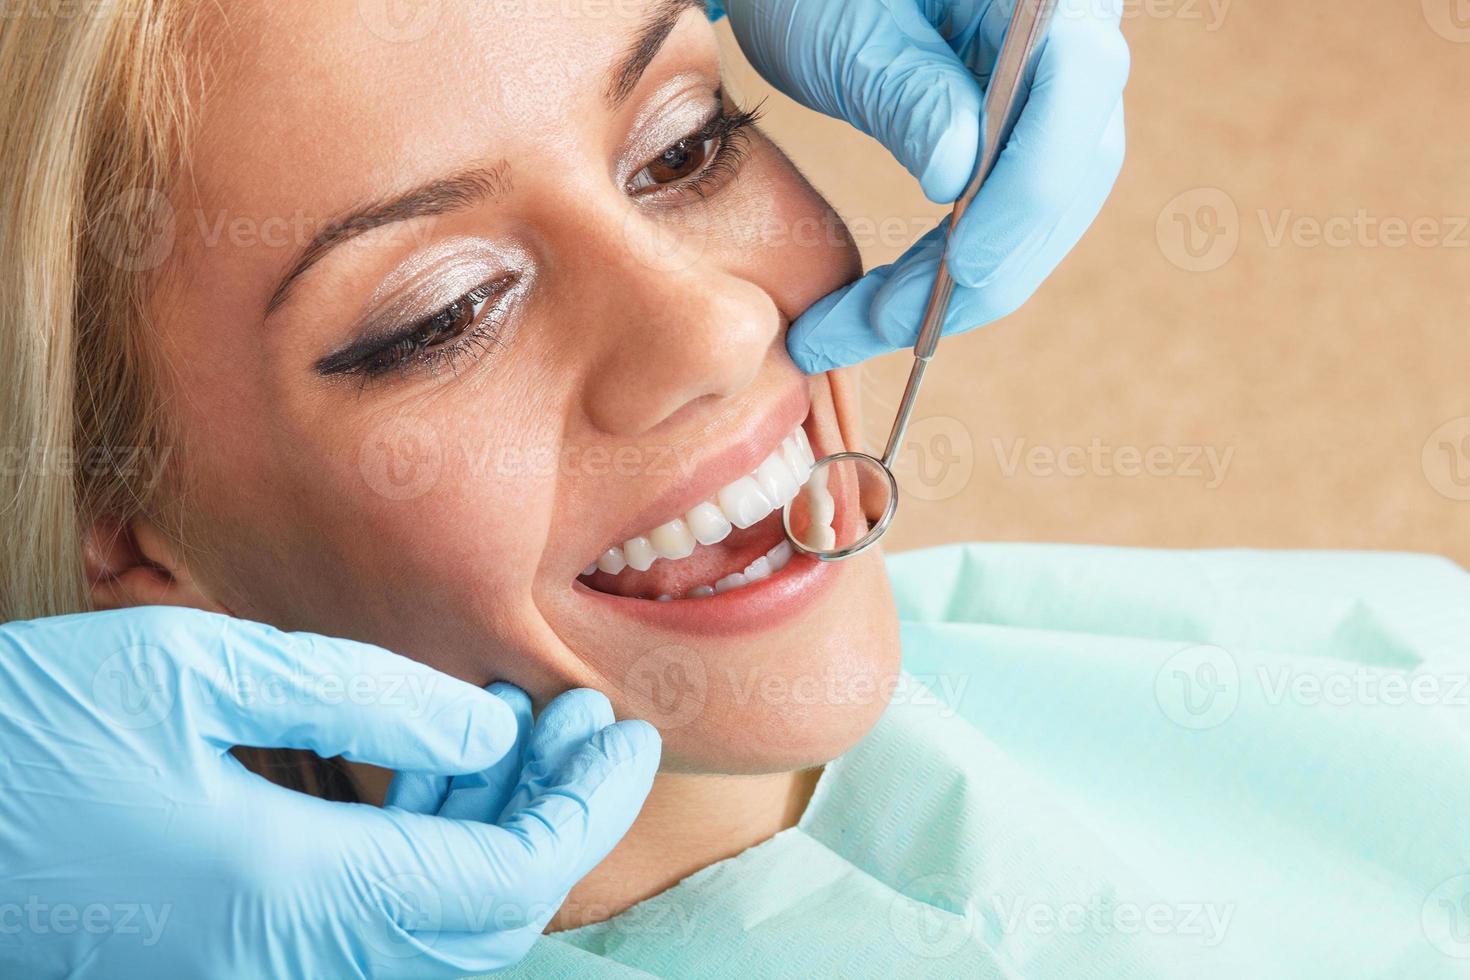 primer plano de una mujer joven que tiene sus dientes examinados foto